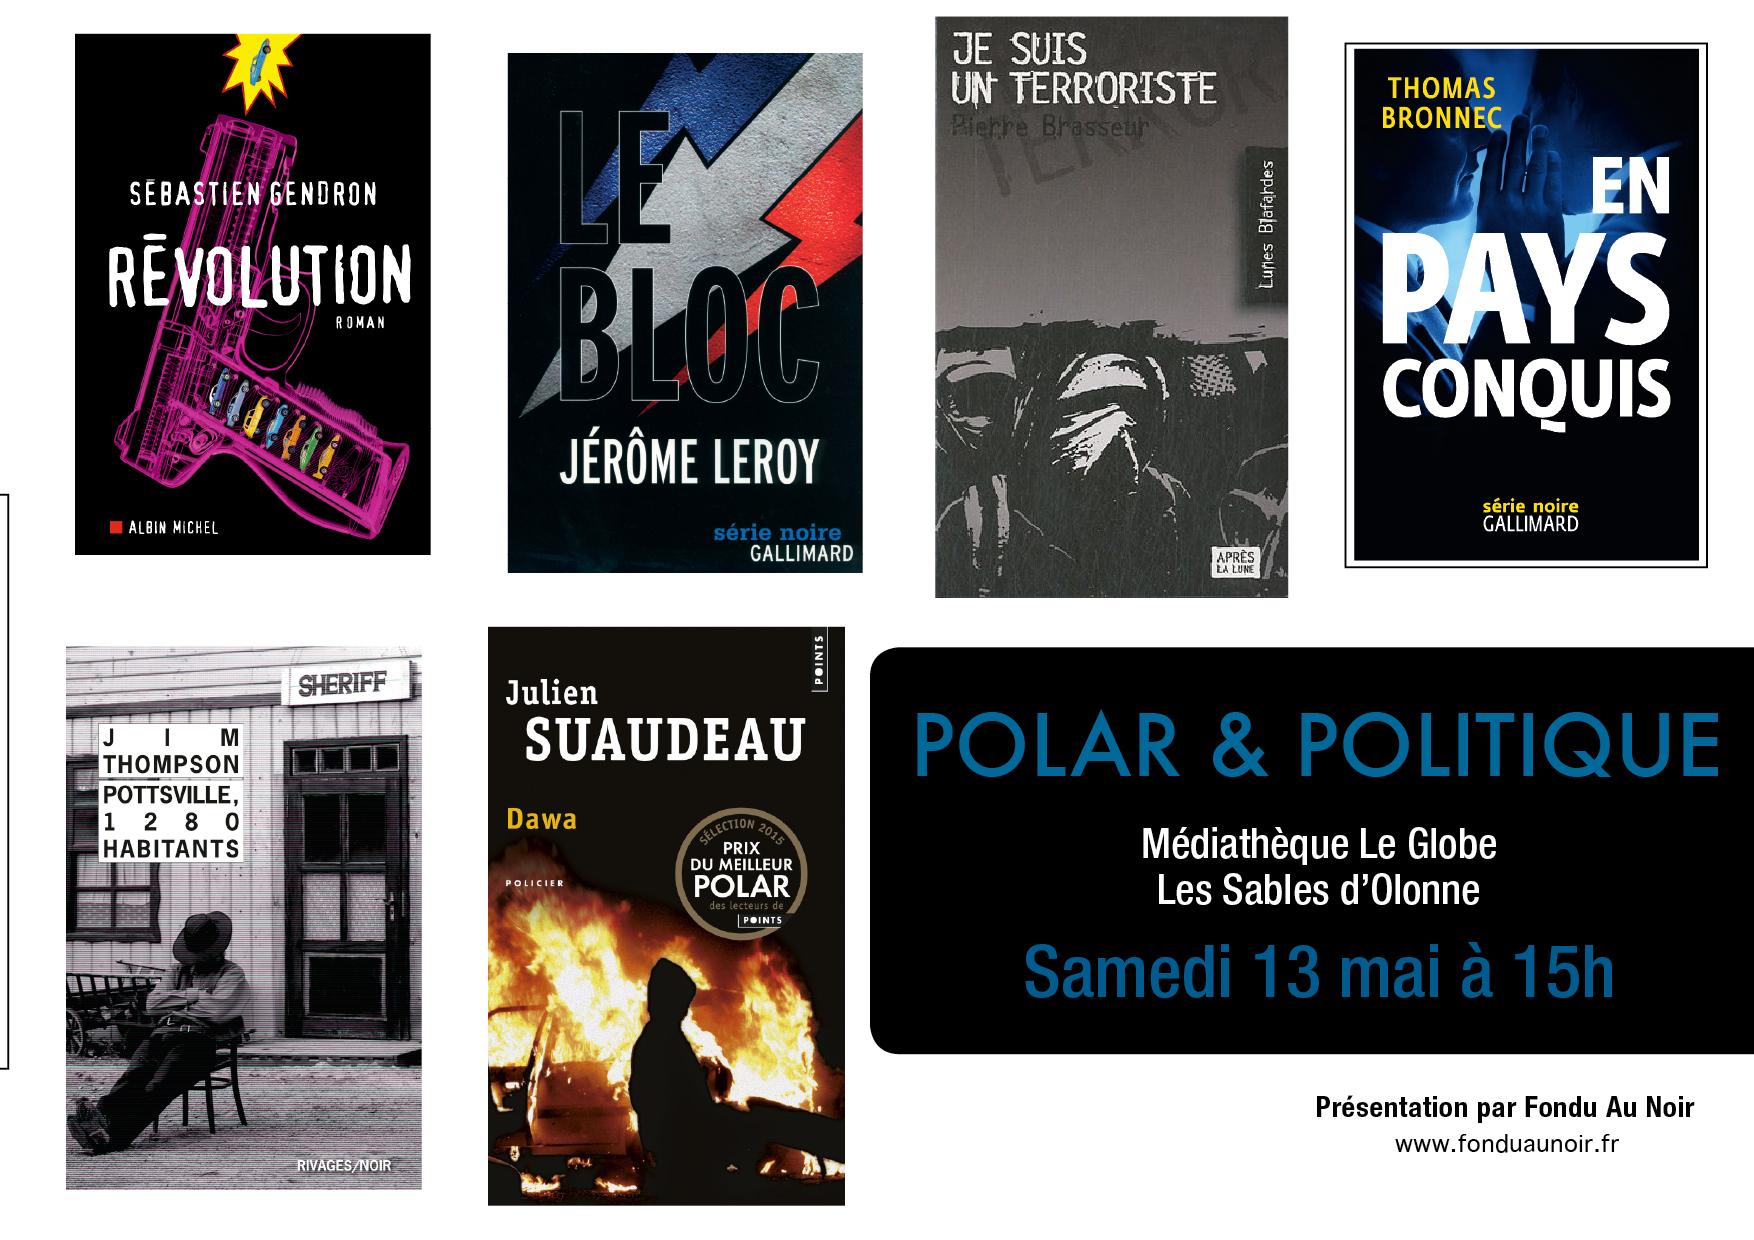 Polar et politique